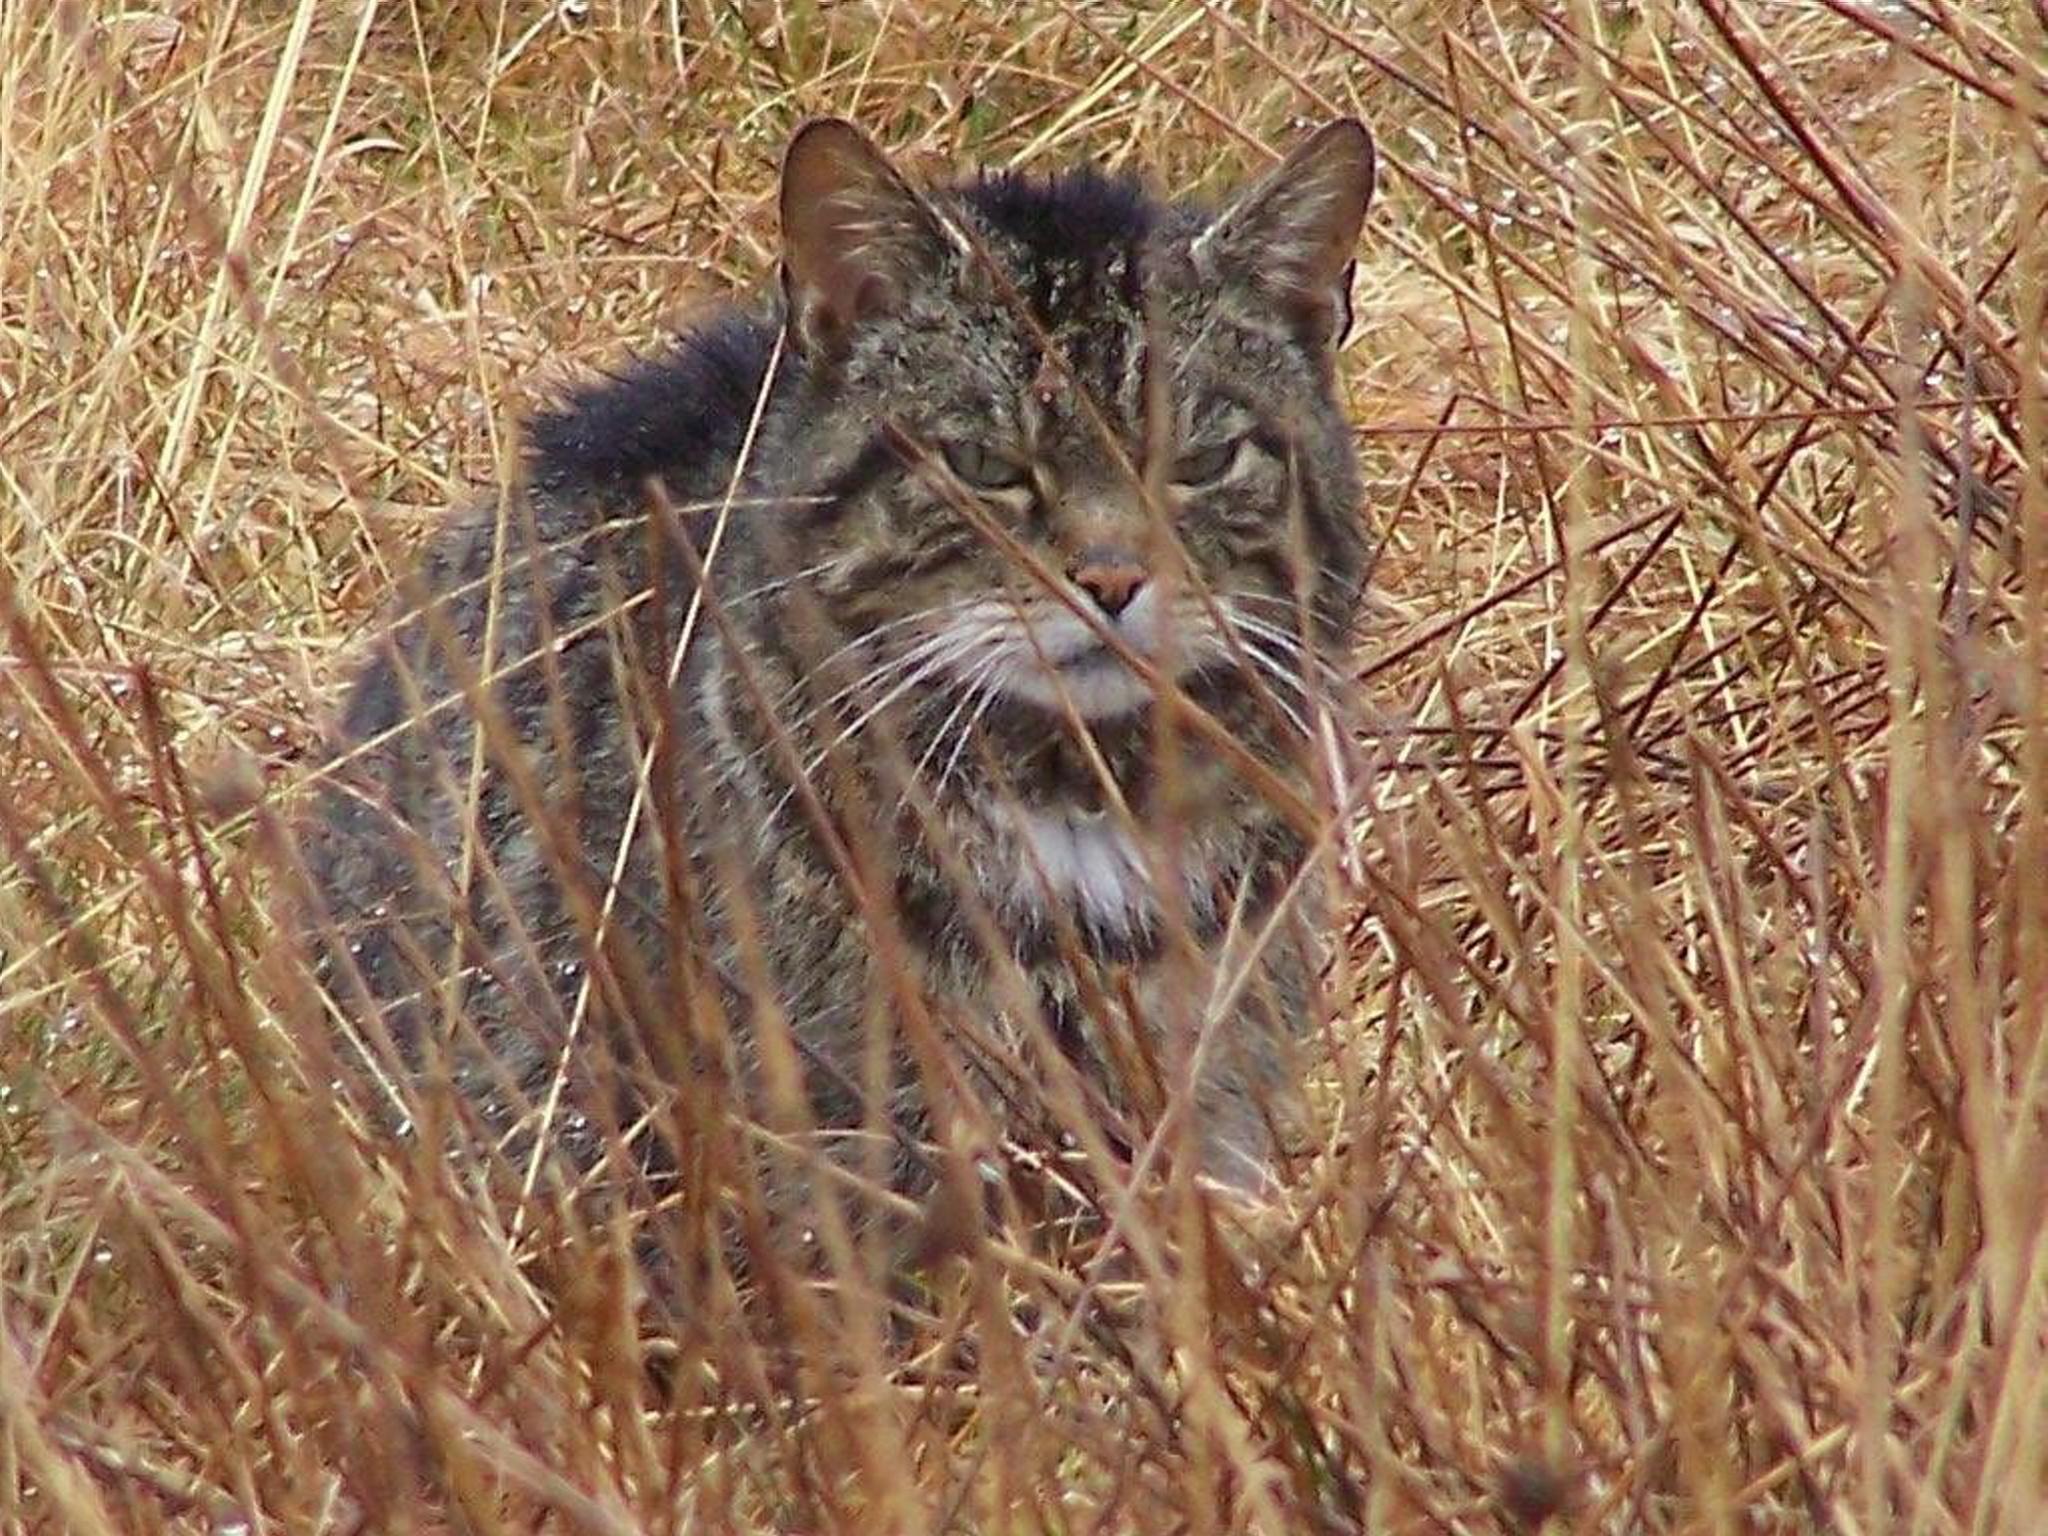 WATCH: Young kitten 'proof' wildcats still breeding